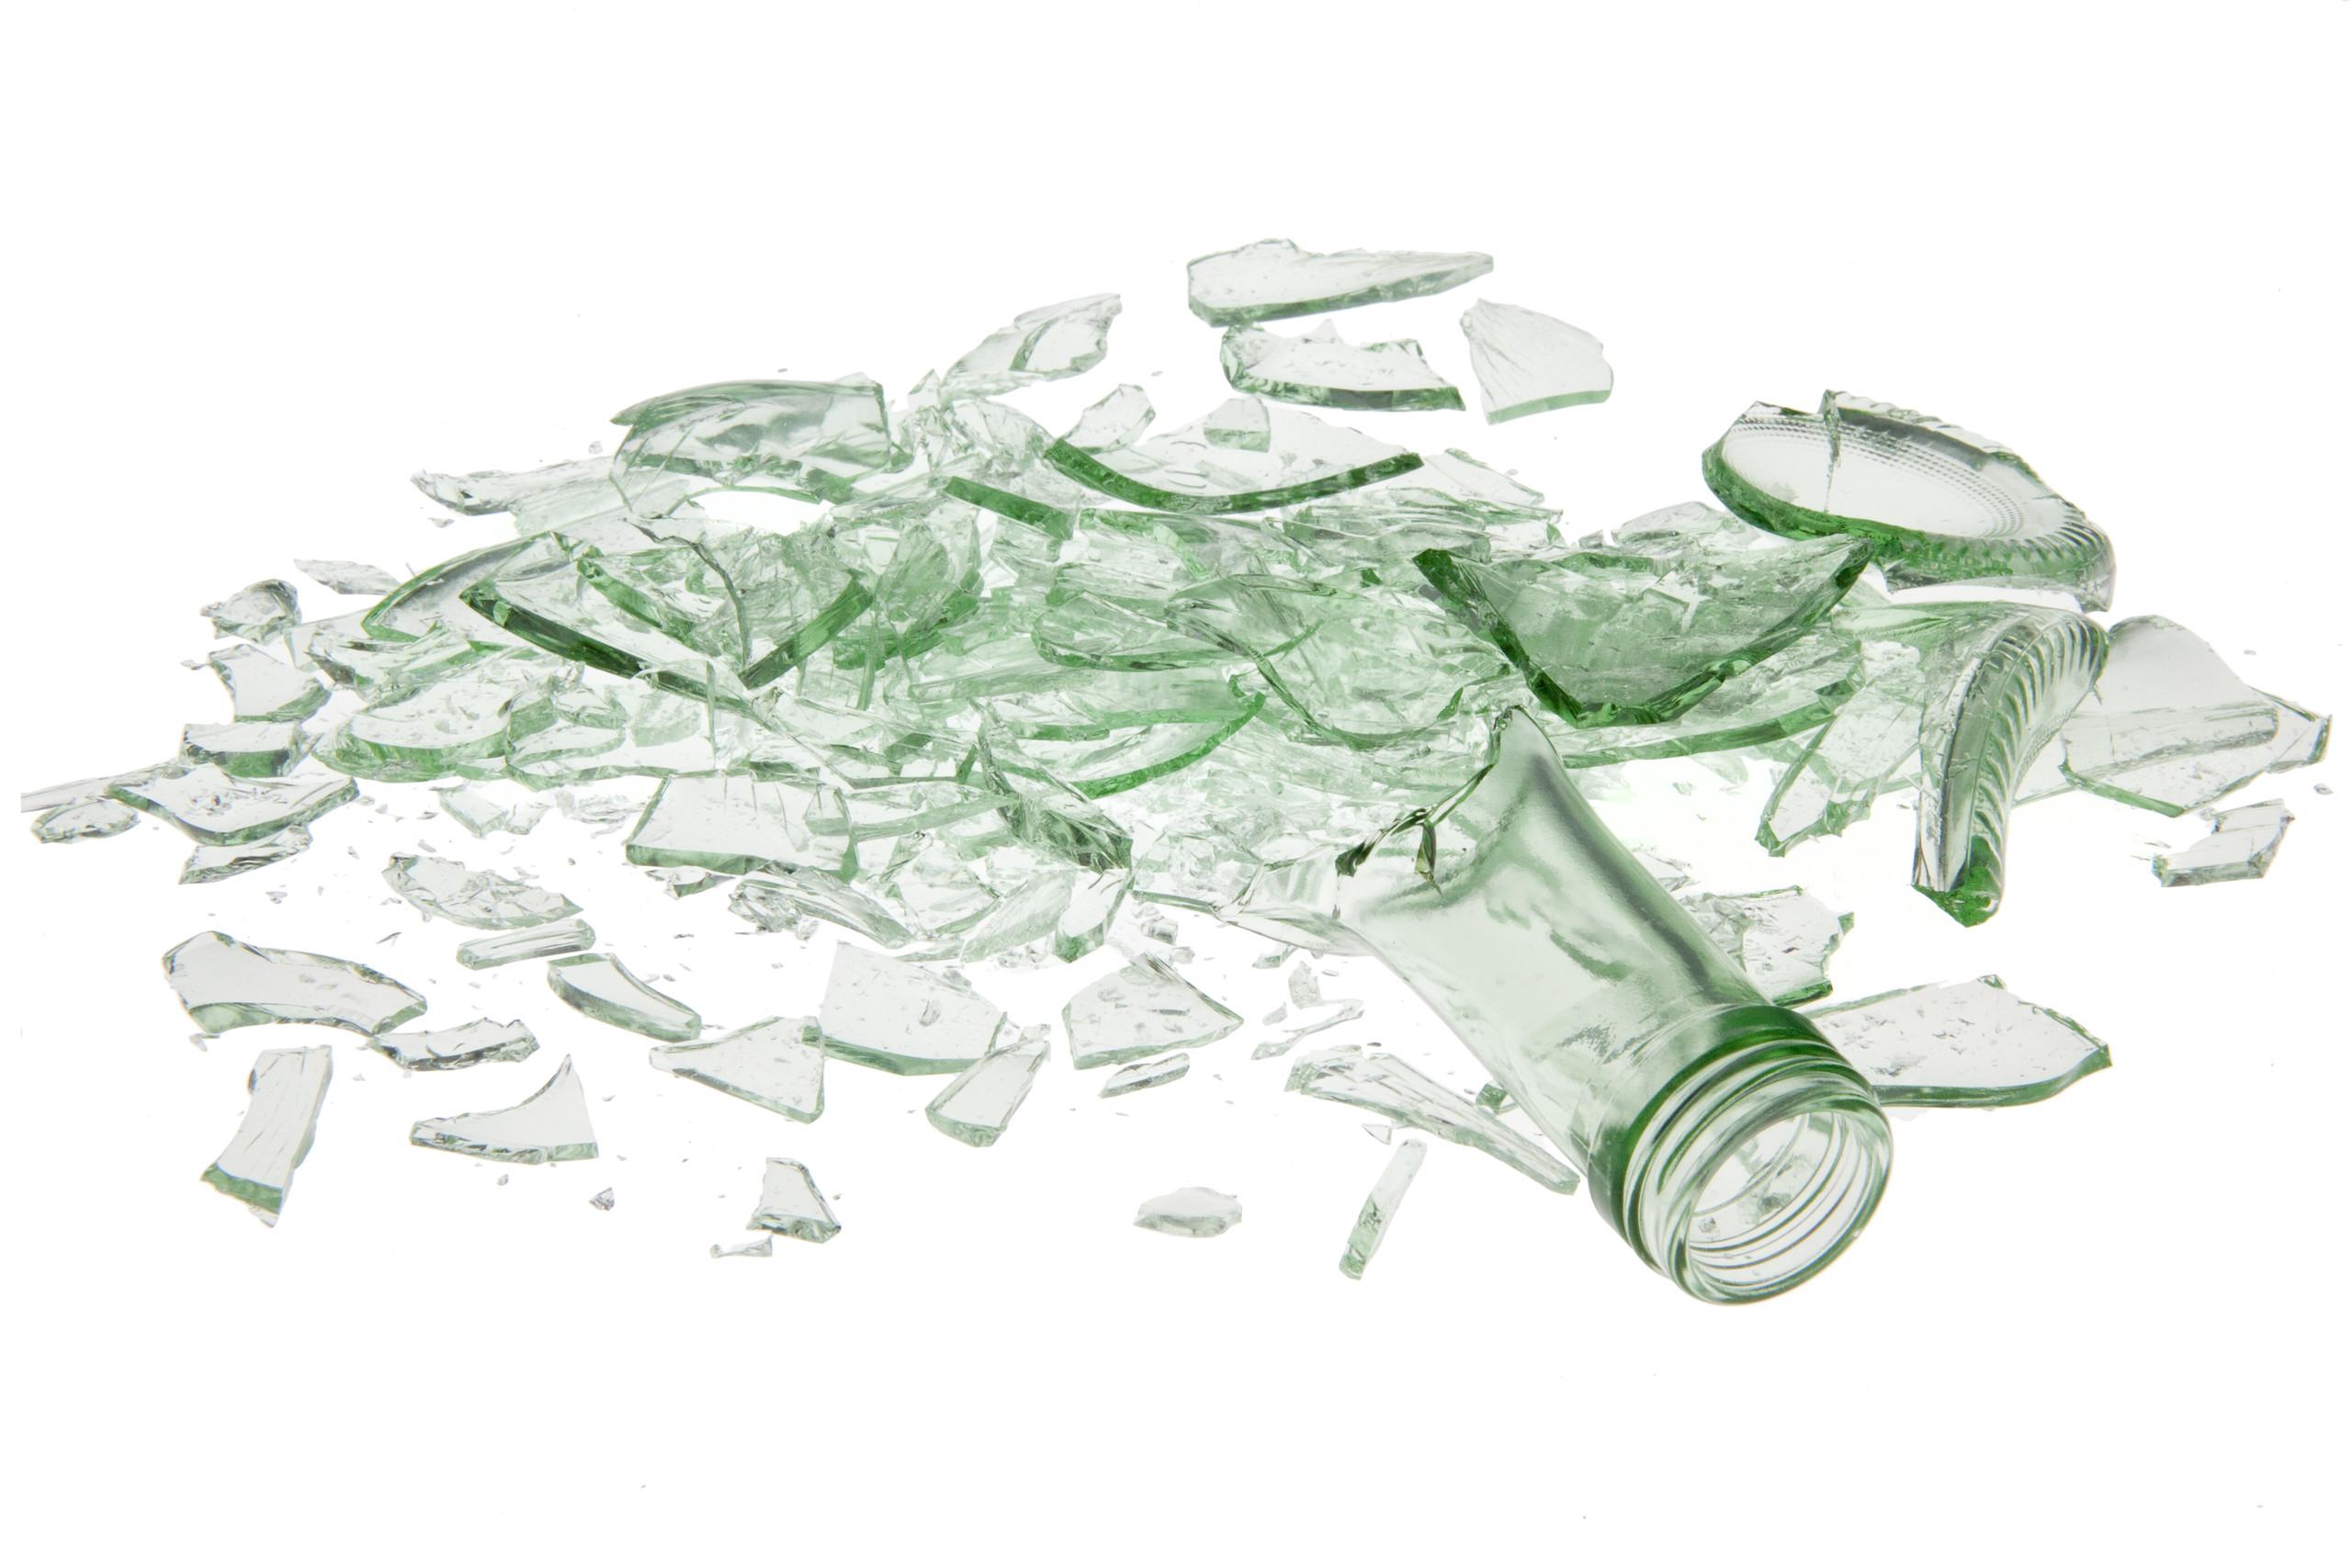 eine hellgrüne zerbrochene Flasche